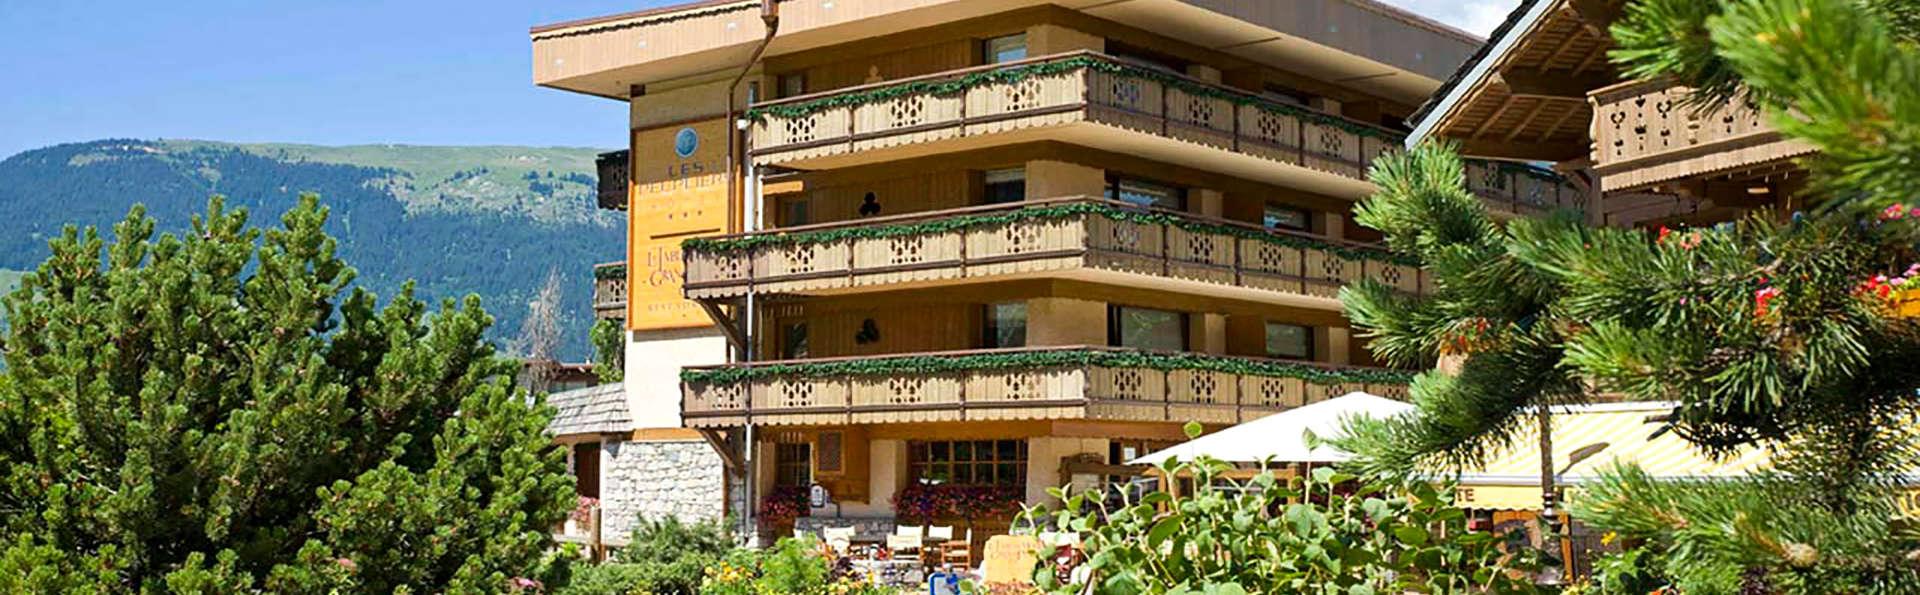 Hôtel Les Peupliers - Courchevel - Edit_Front2.jpg